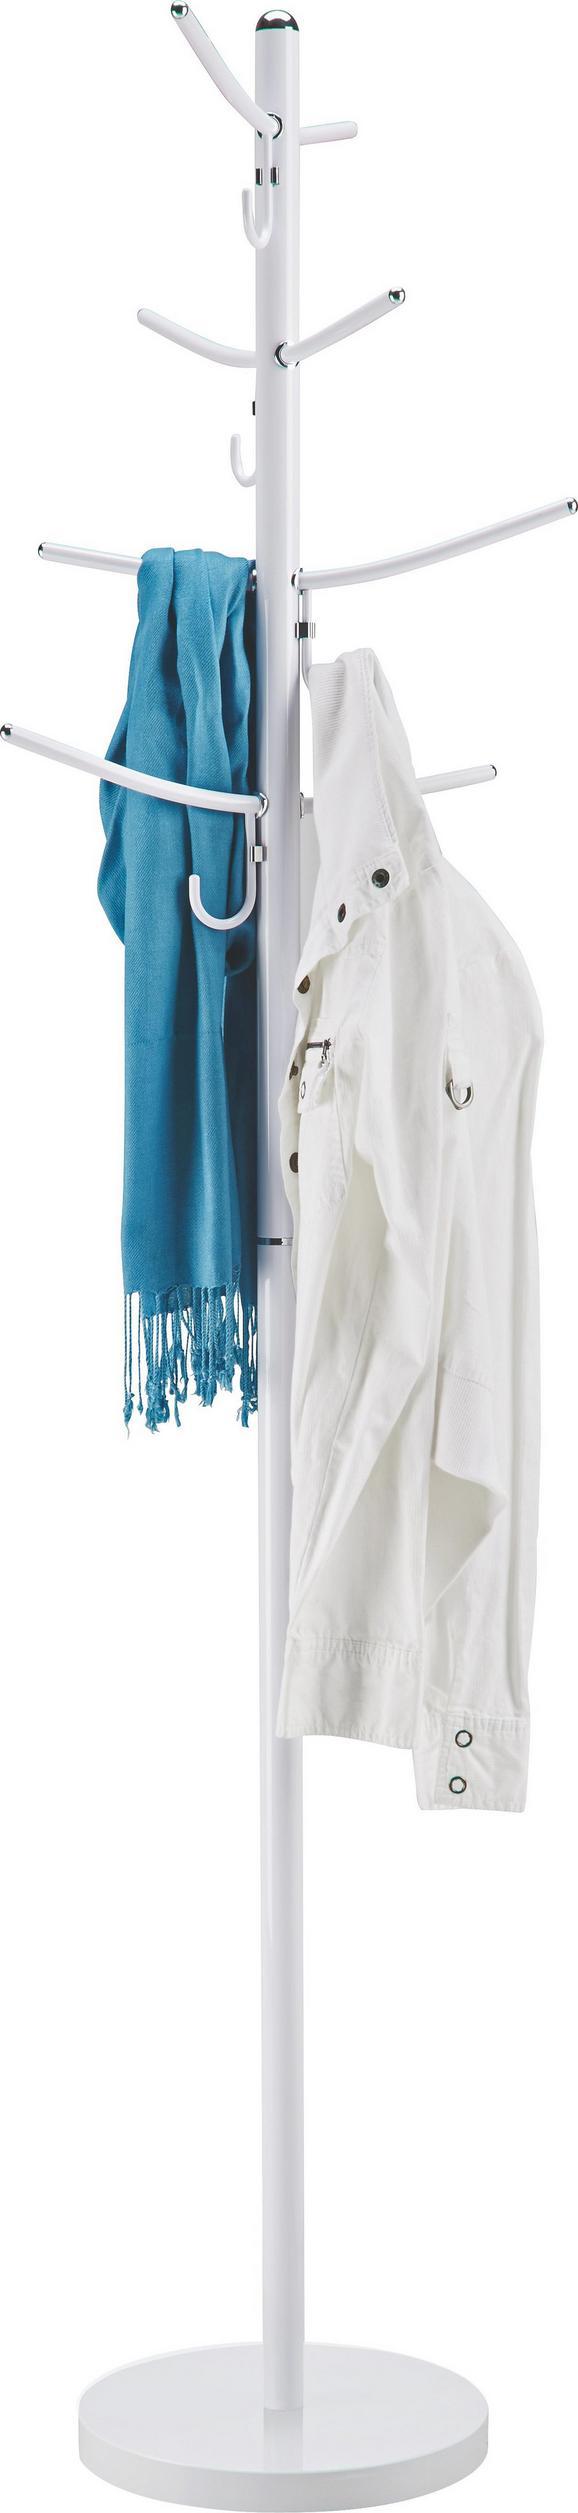 Kleiderständer Modern kleiderständer in weiß aus metall kaufen mömax